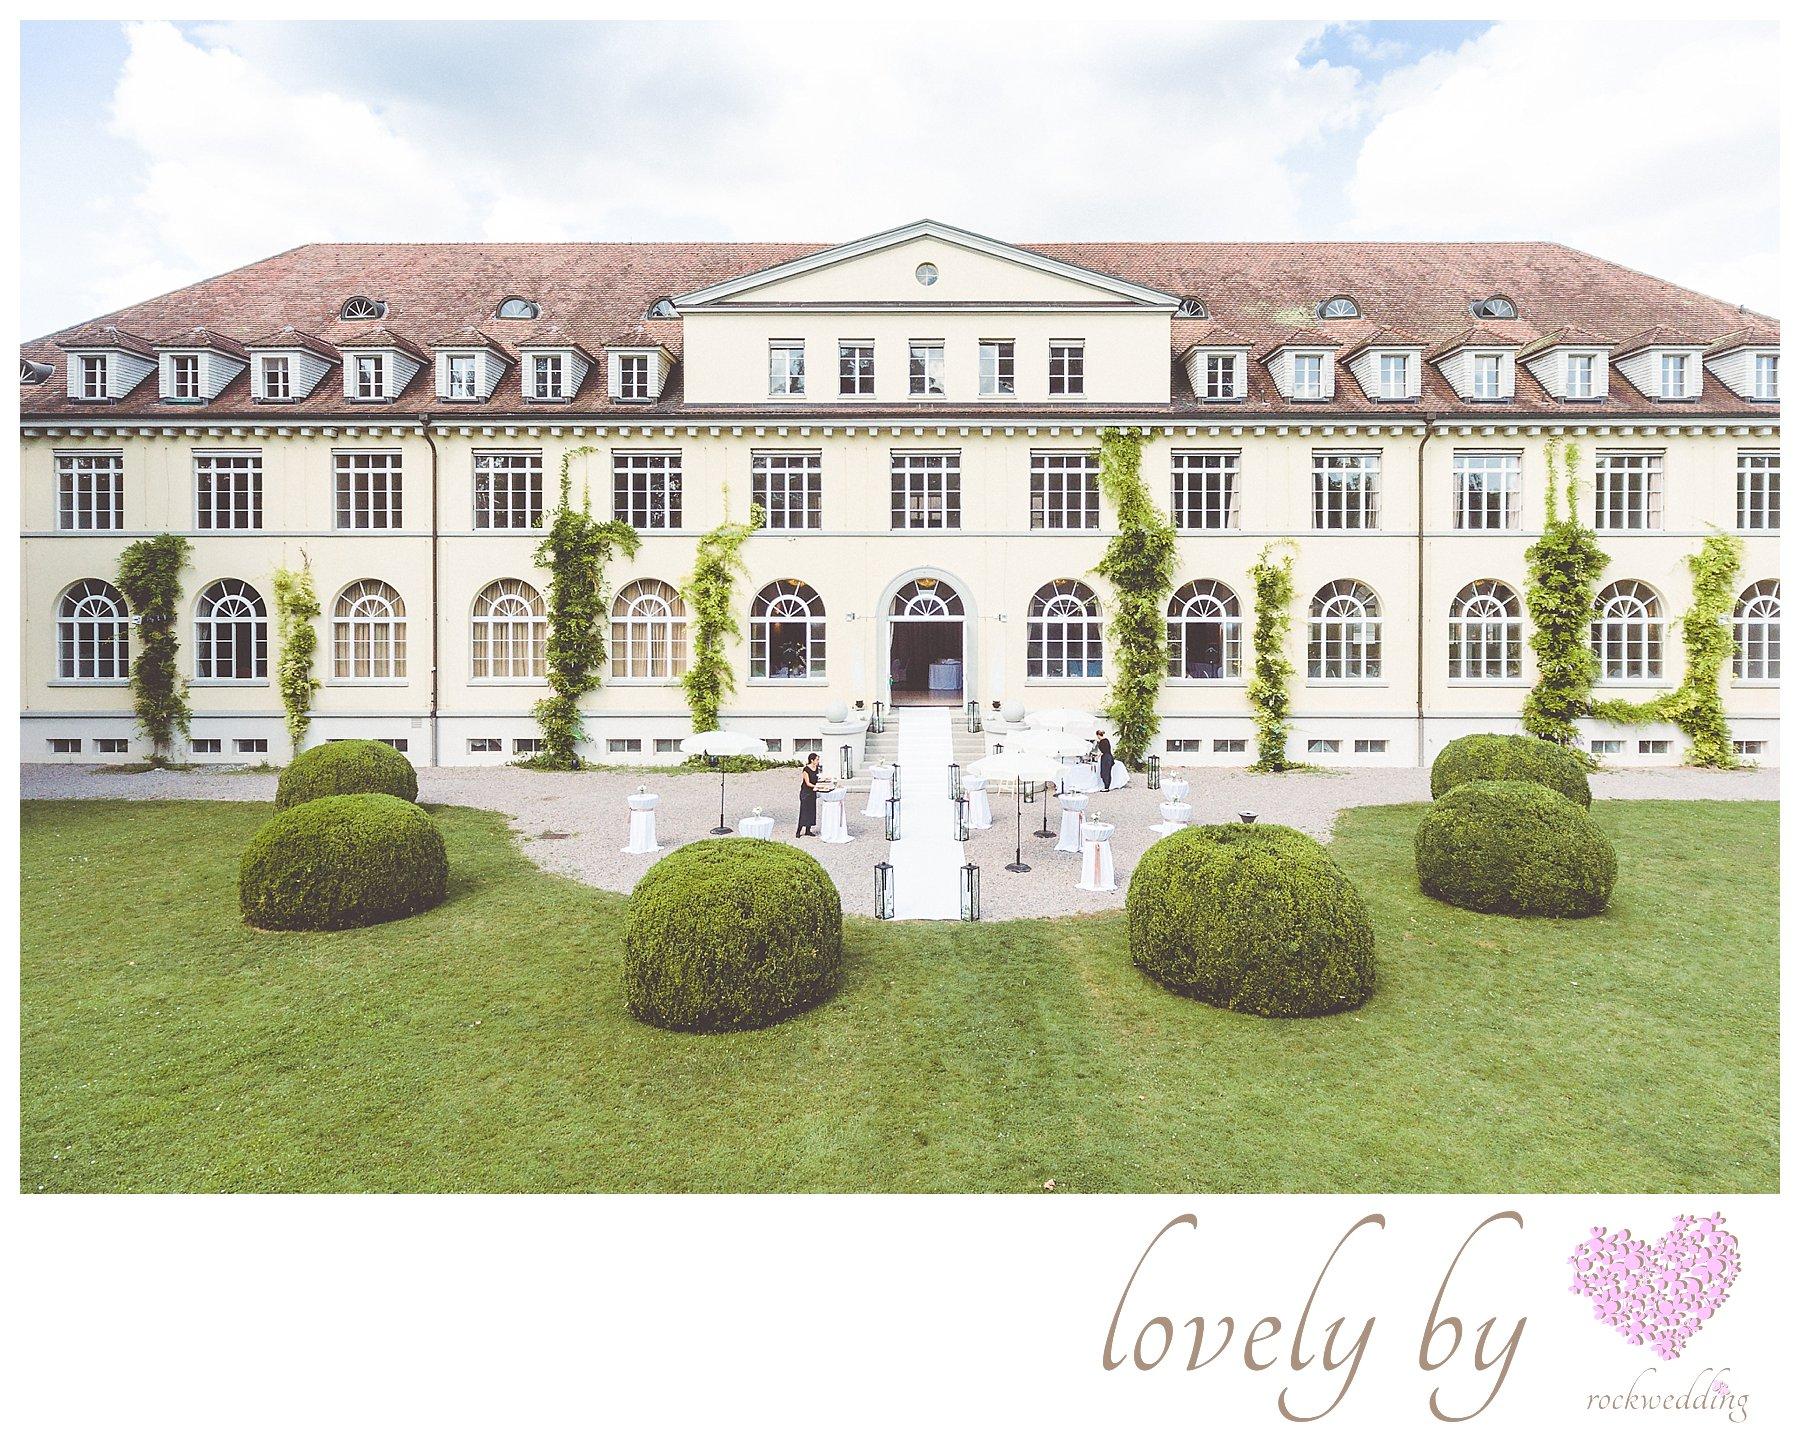 Hochzeitsplaner-Weddingplanner-Schoenenwerd-Ballyhouse_3061